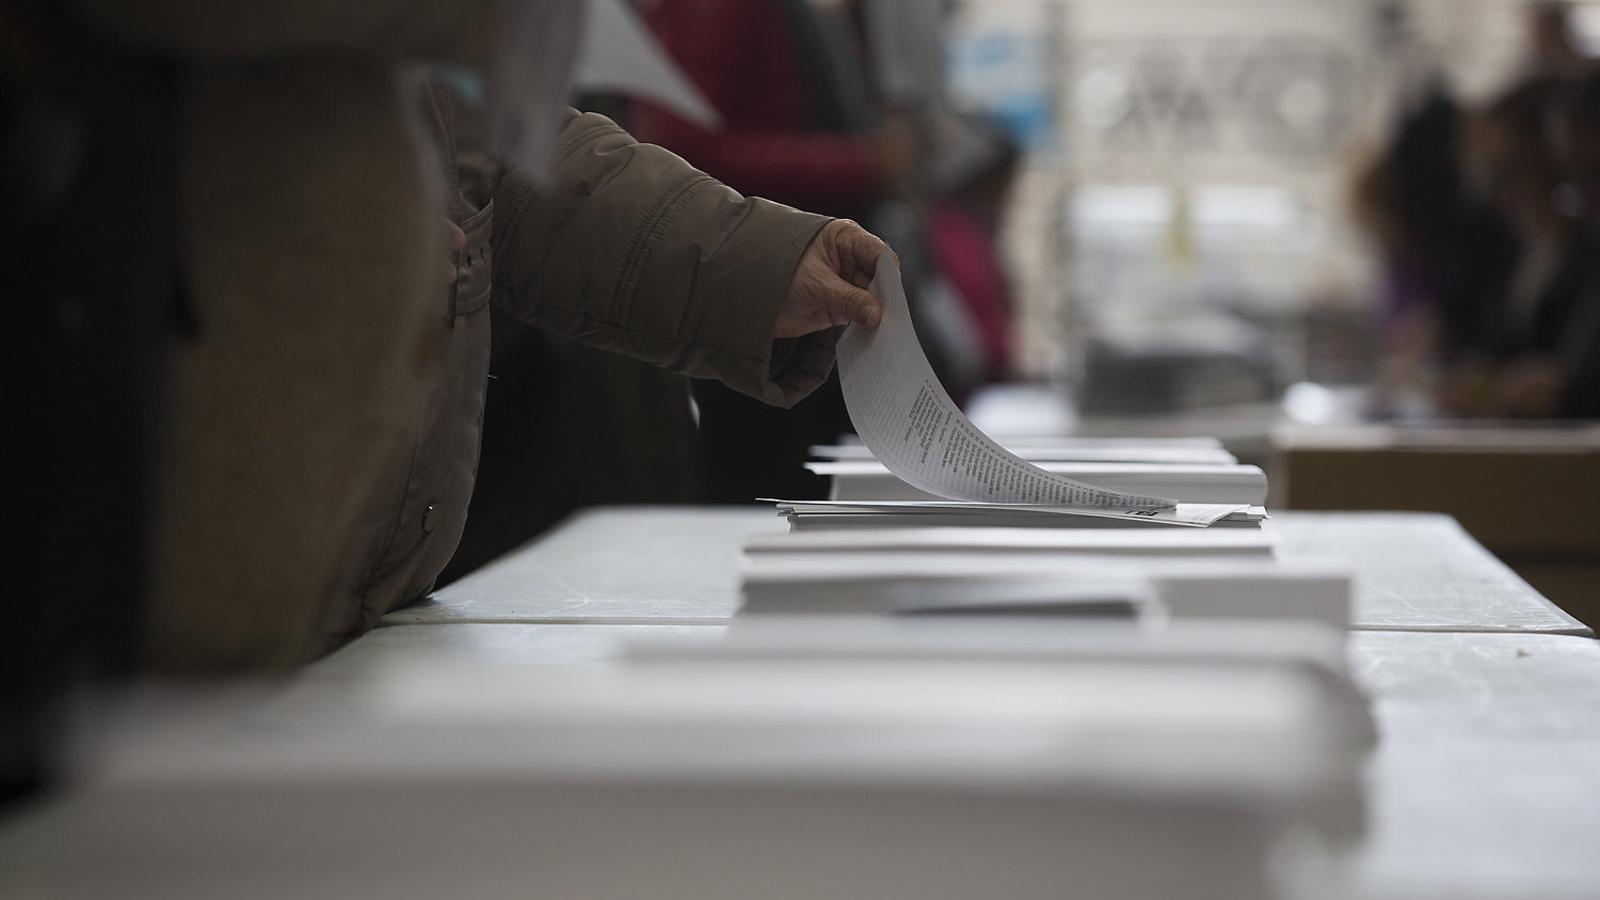 Votants mirant les paperetes durant les darreres eleccions catalanes.